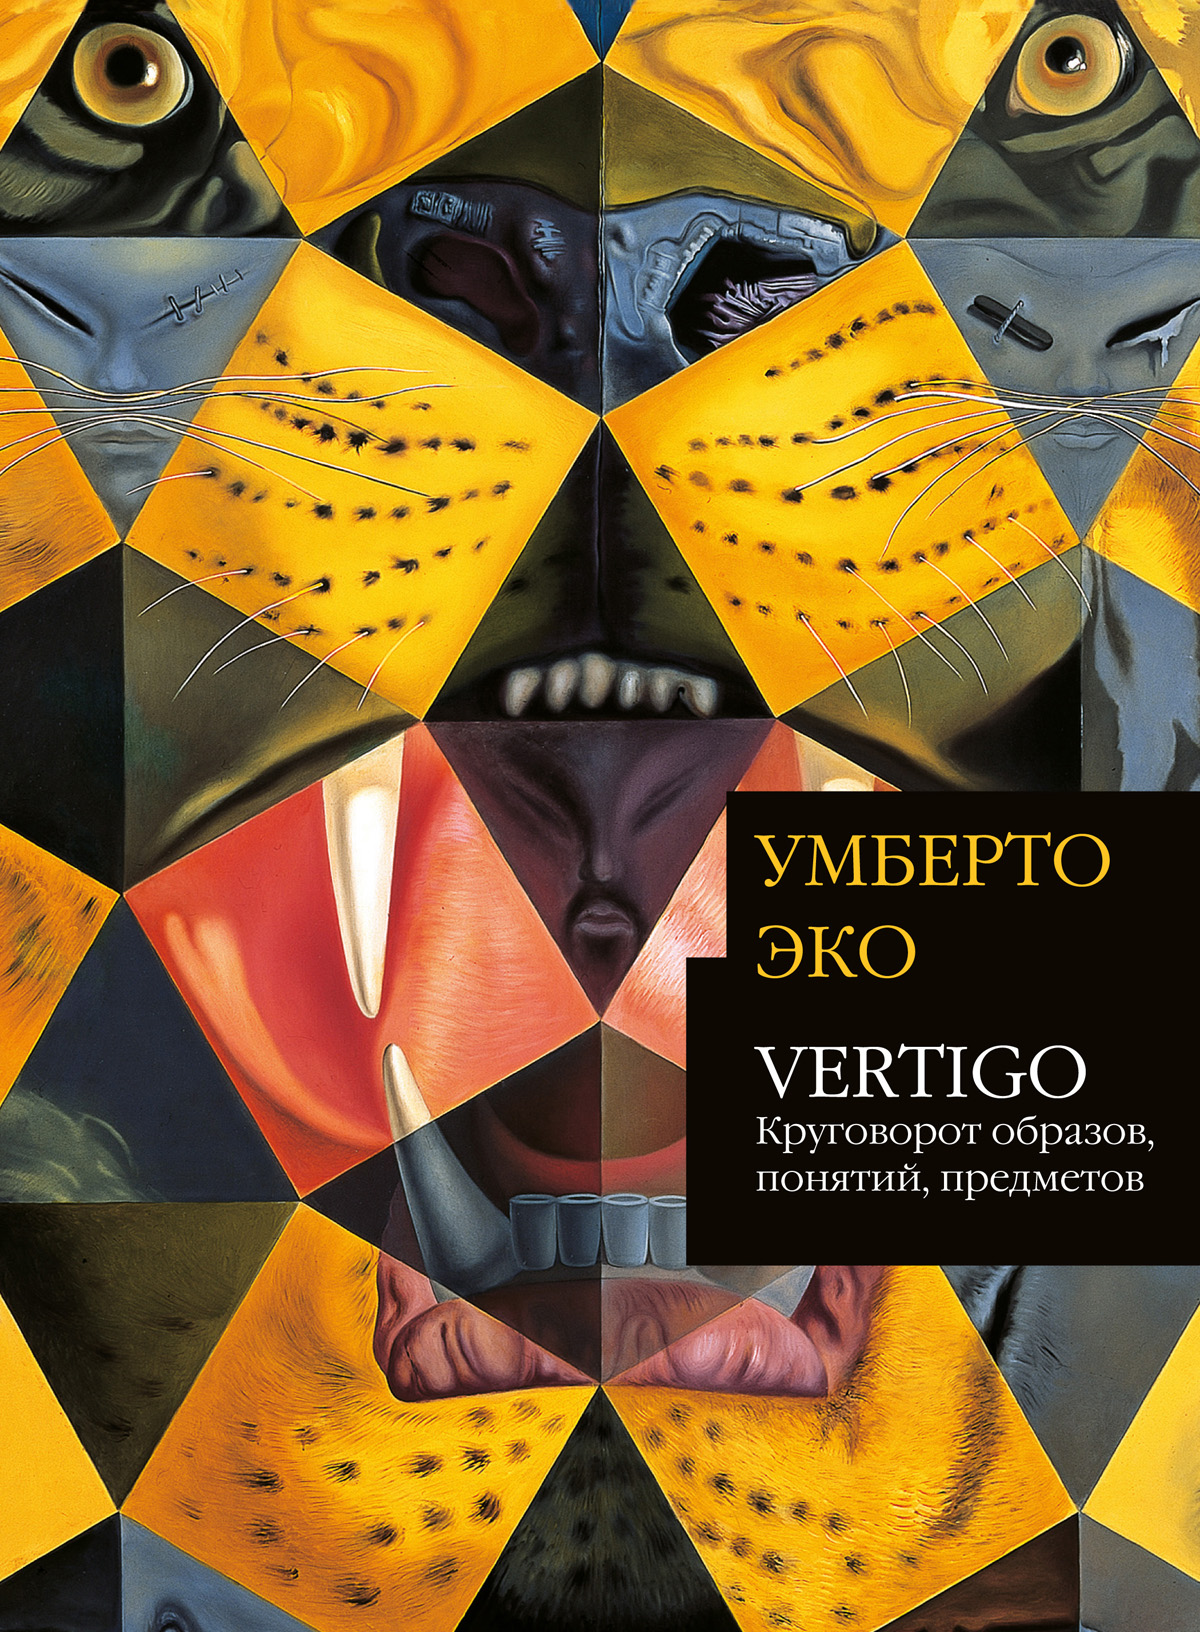 Vertigo. Круговорот образов, понятий, предметов Умберто Эко 978-5-387-01524-3